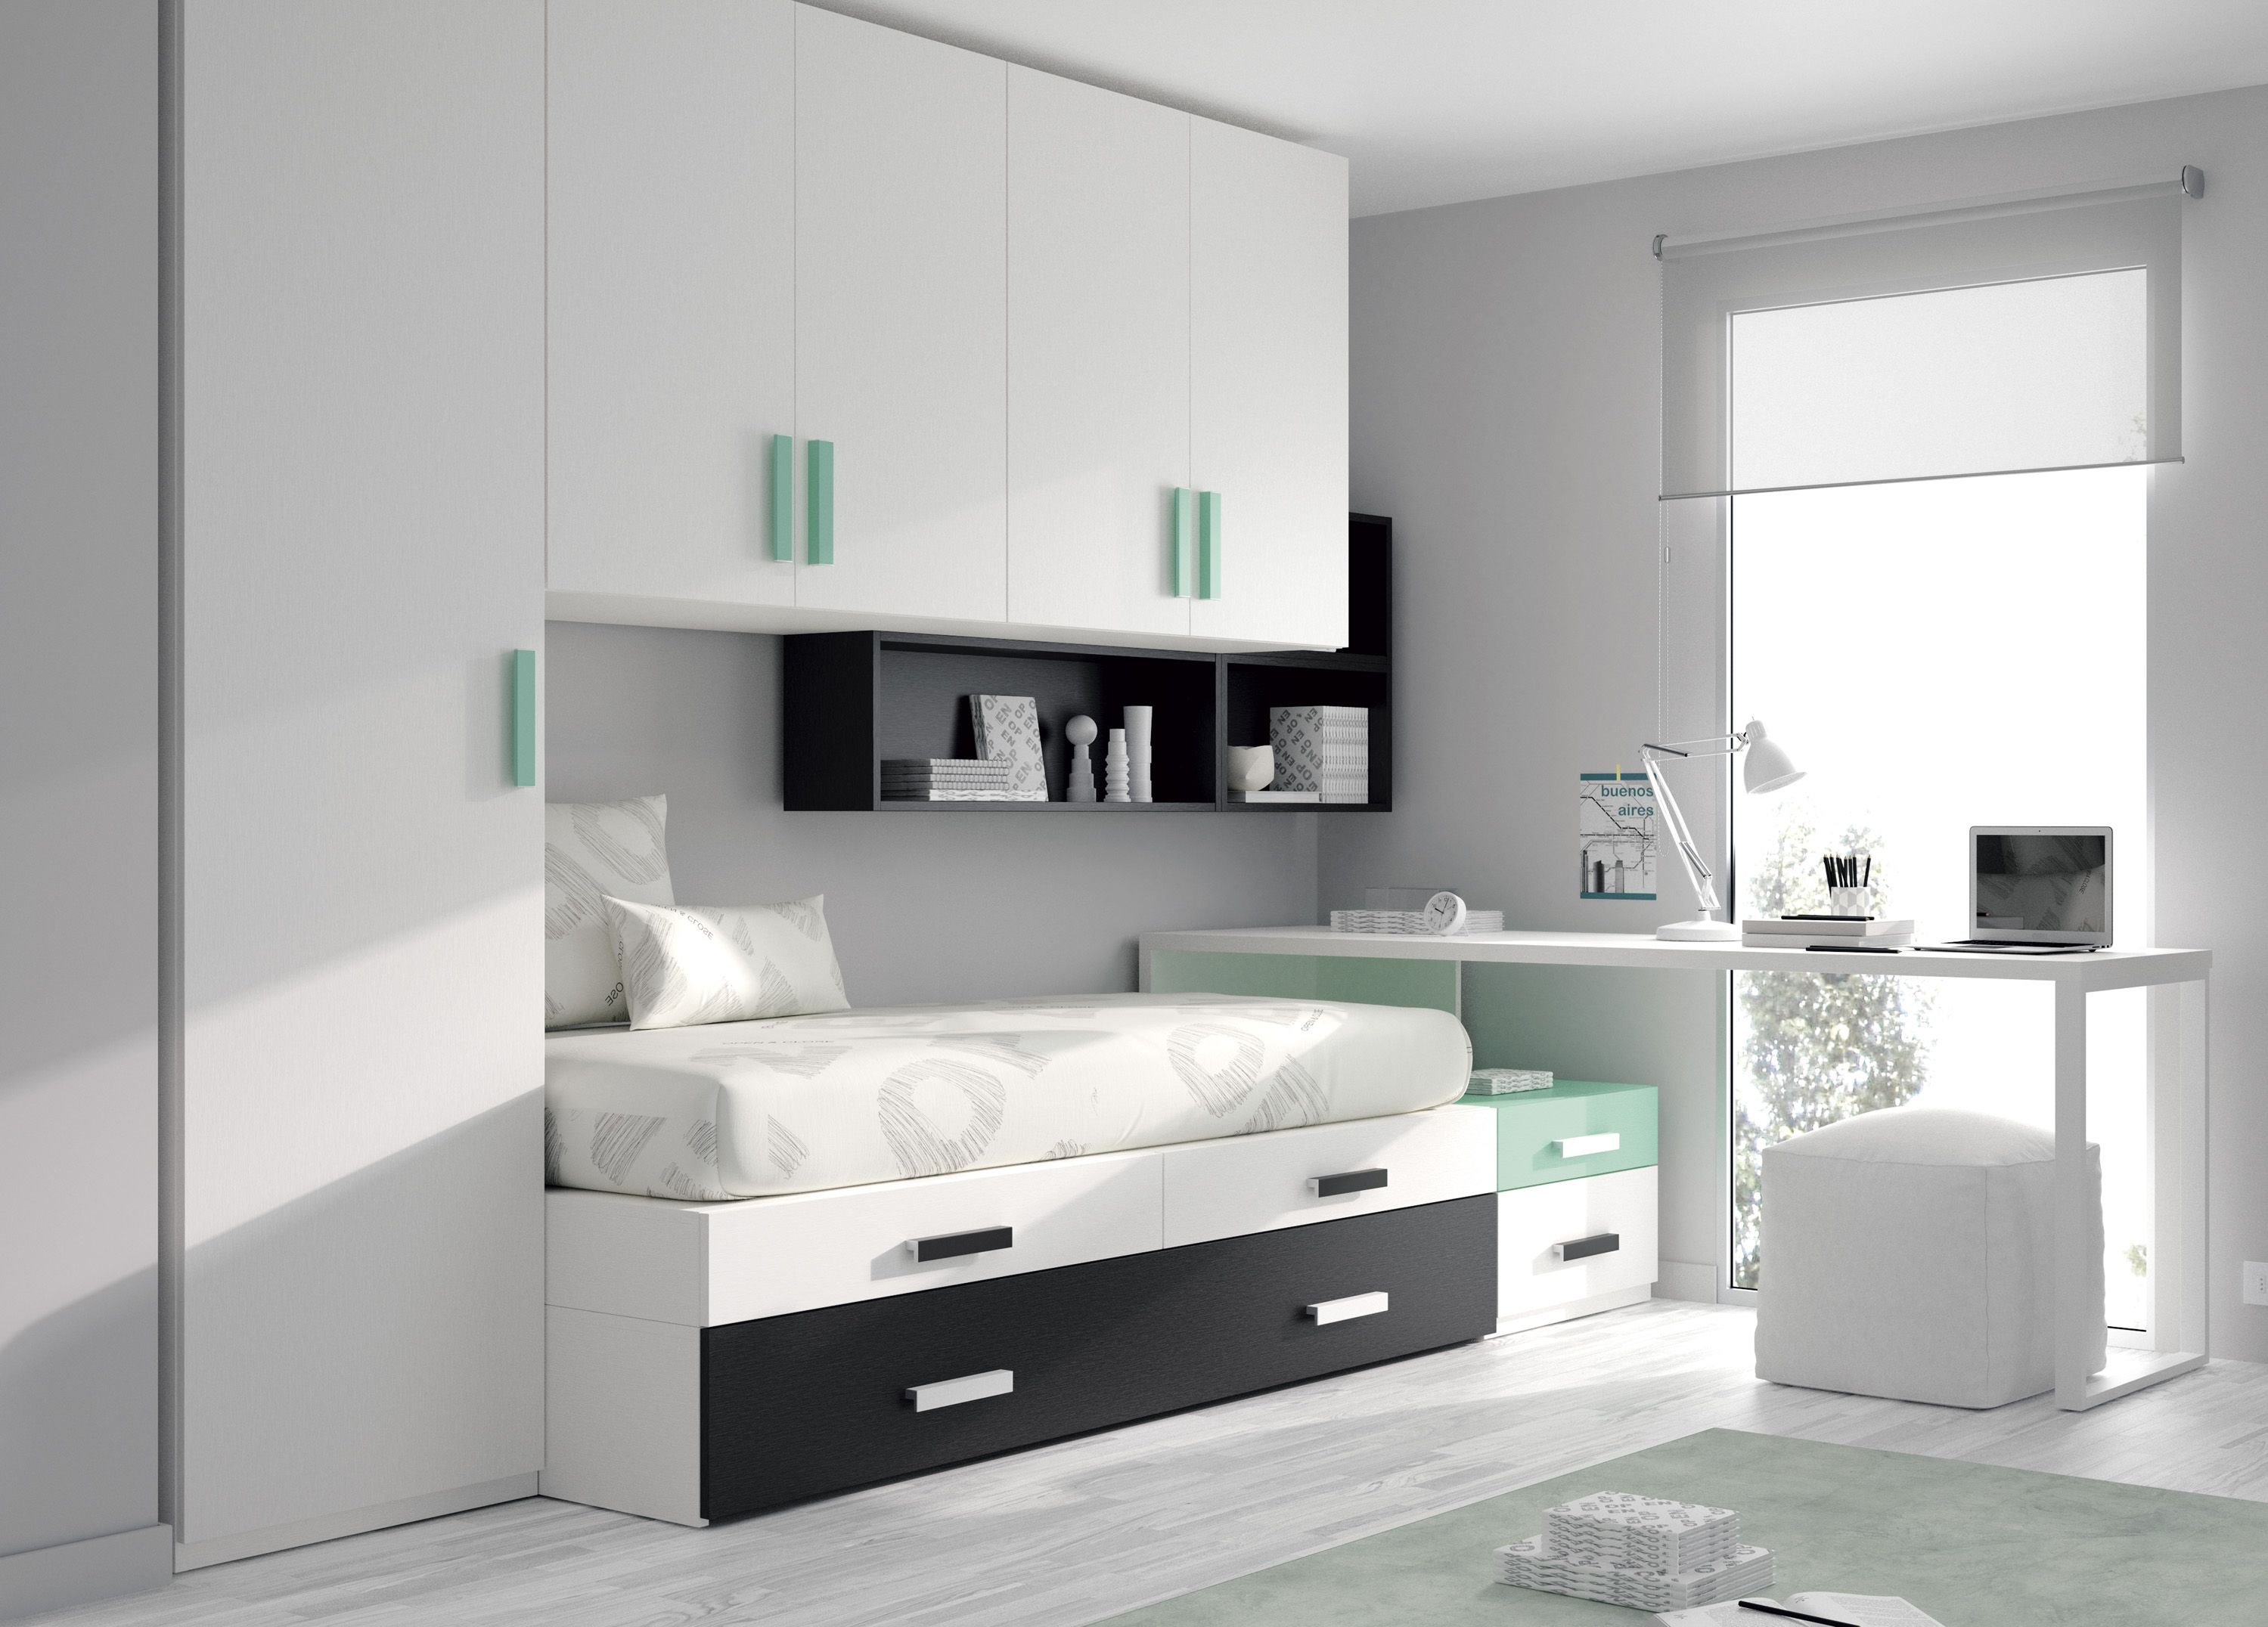 dormitorio juvenil de mueblesros camanido escritorio